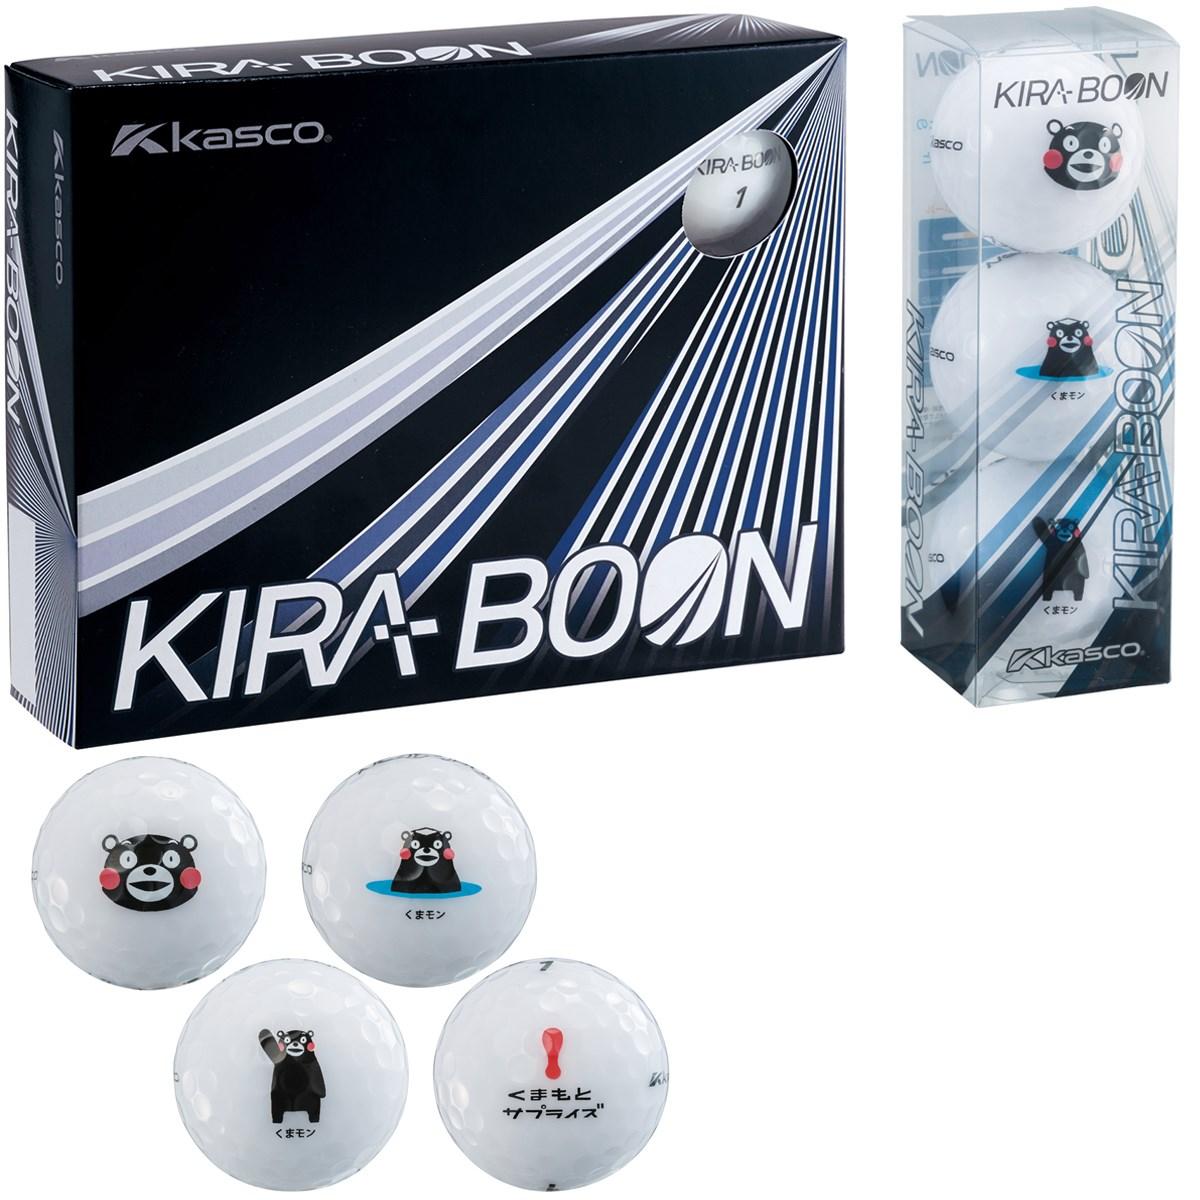 キャスコ KIRA KIRA BOON くまモン ボール 1ダース(12個入り) ホワイト